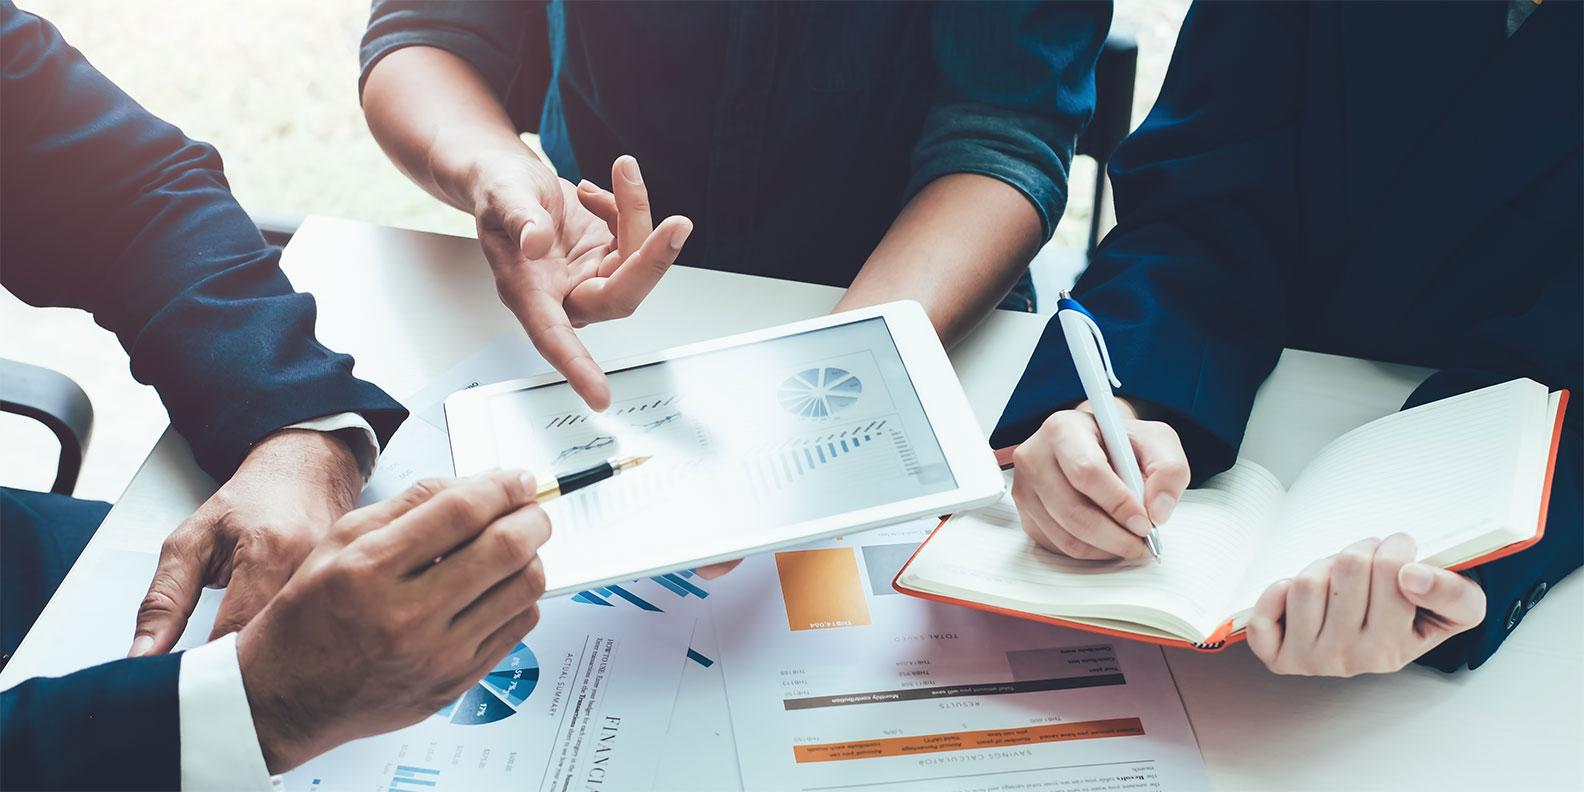 事業再構築補助金ってどう申請するの?最大1億円の大型補助金を税理士が解説。